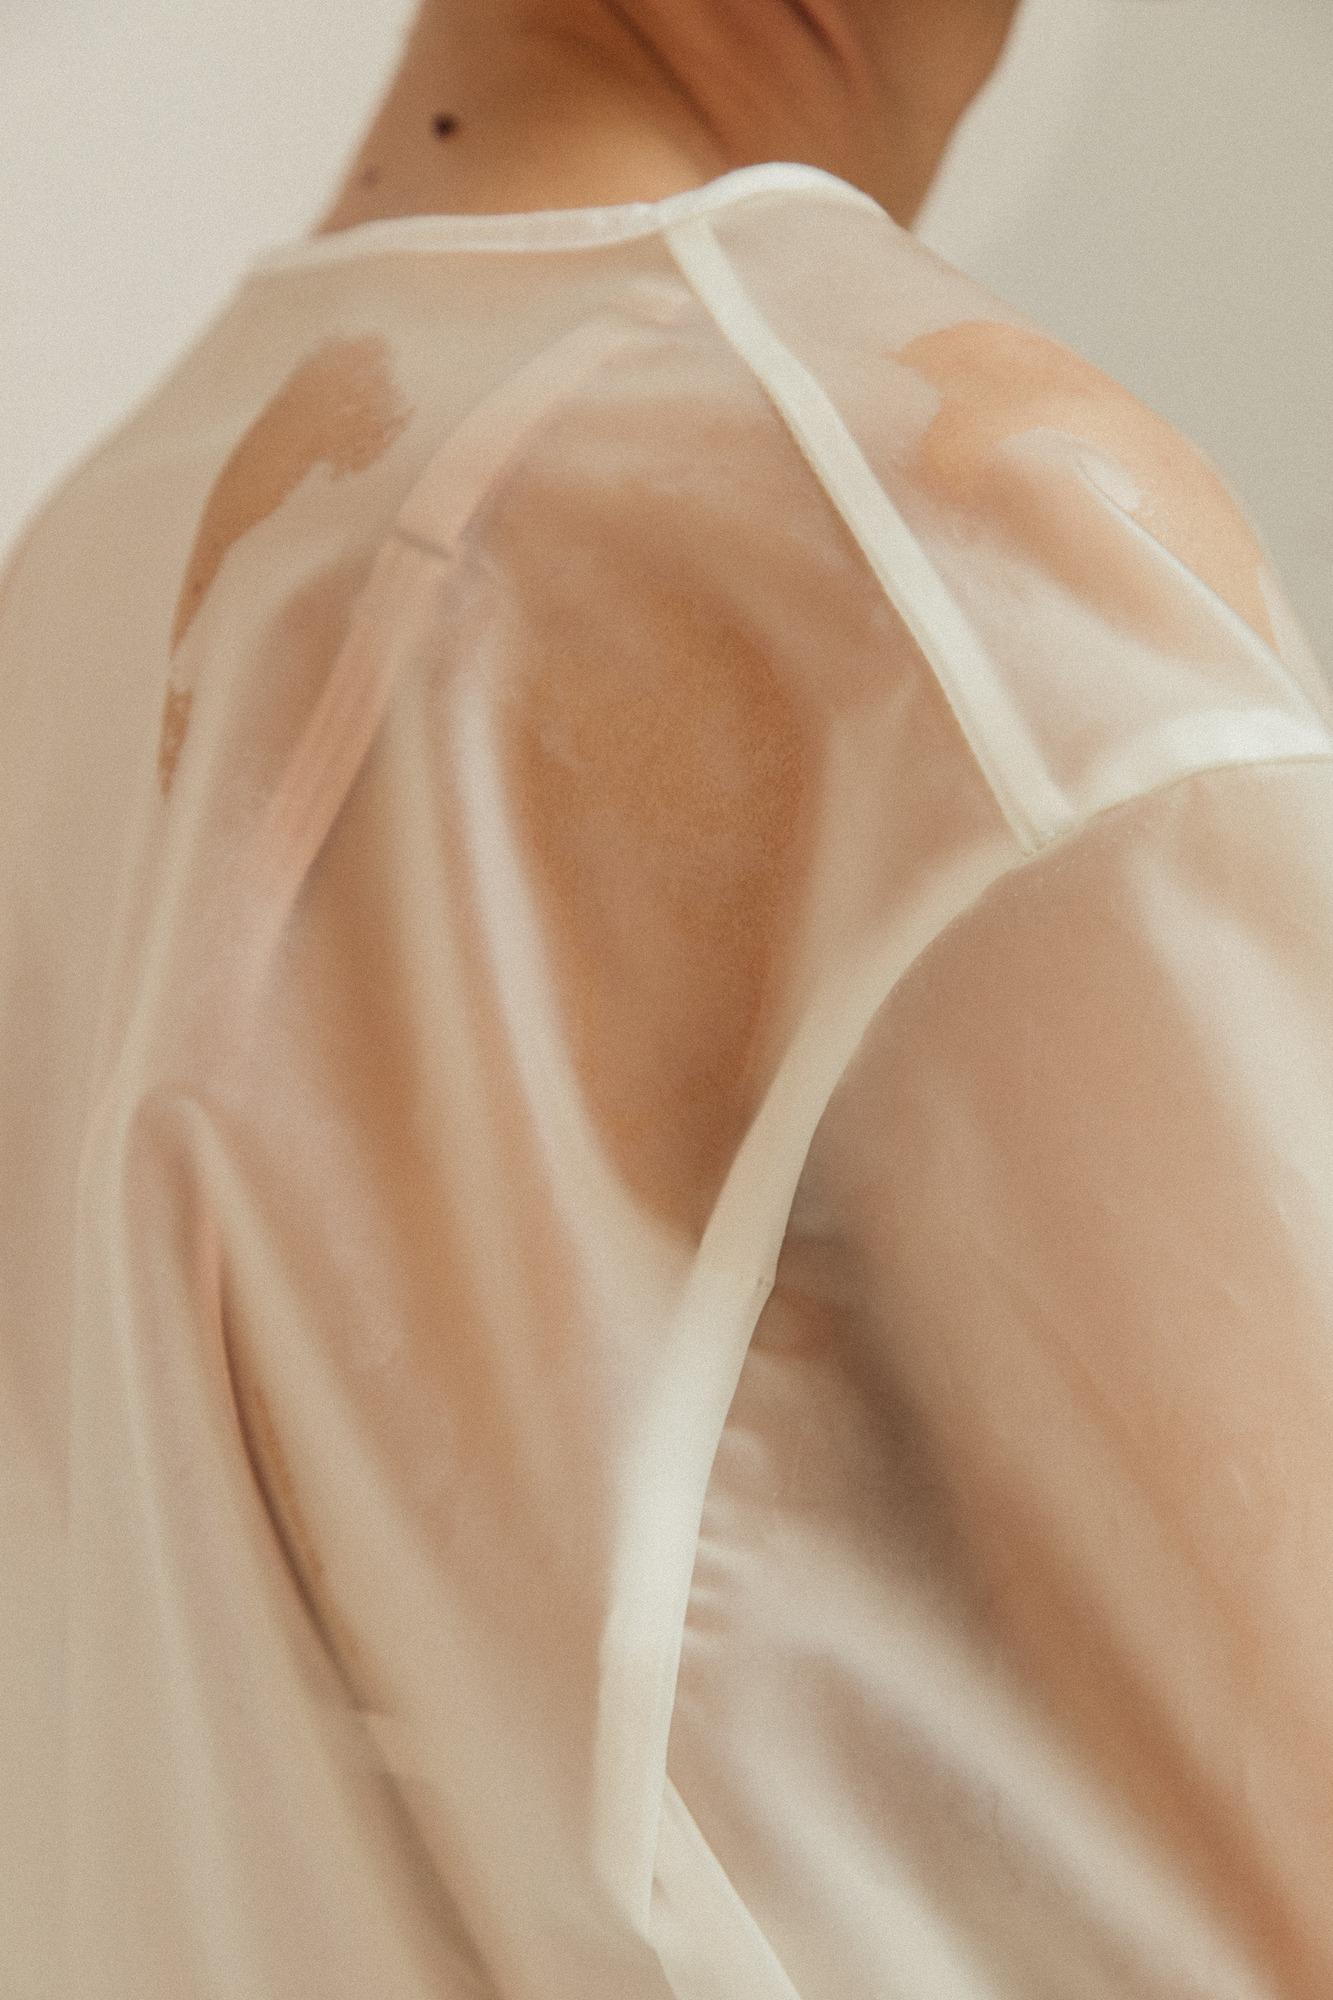 MARINE HENRION ® | Site Officiel | Créatrice française à la mode éthique et minimaliste Victoria E. Paterno